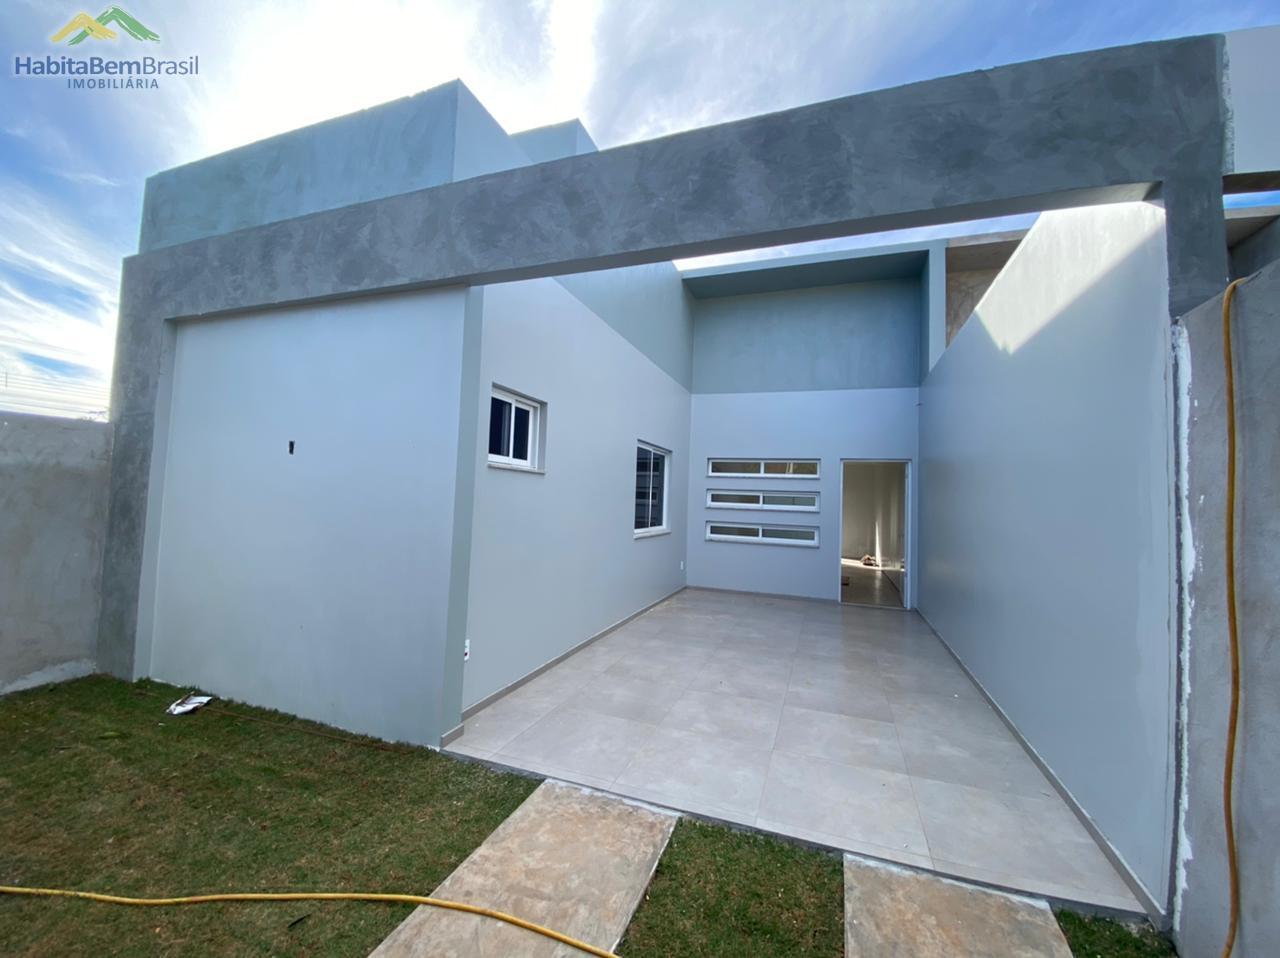 Casa com 2 dormitórios à venda, JARDIM GISELA, TOLEDO - PR